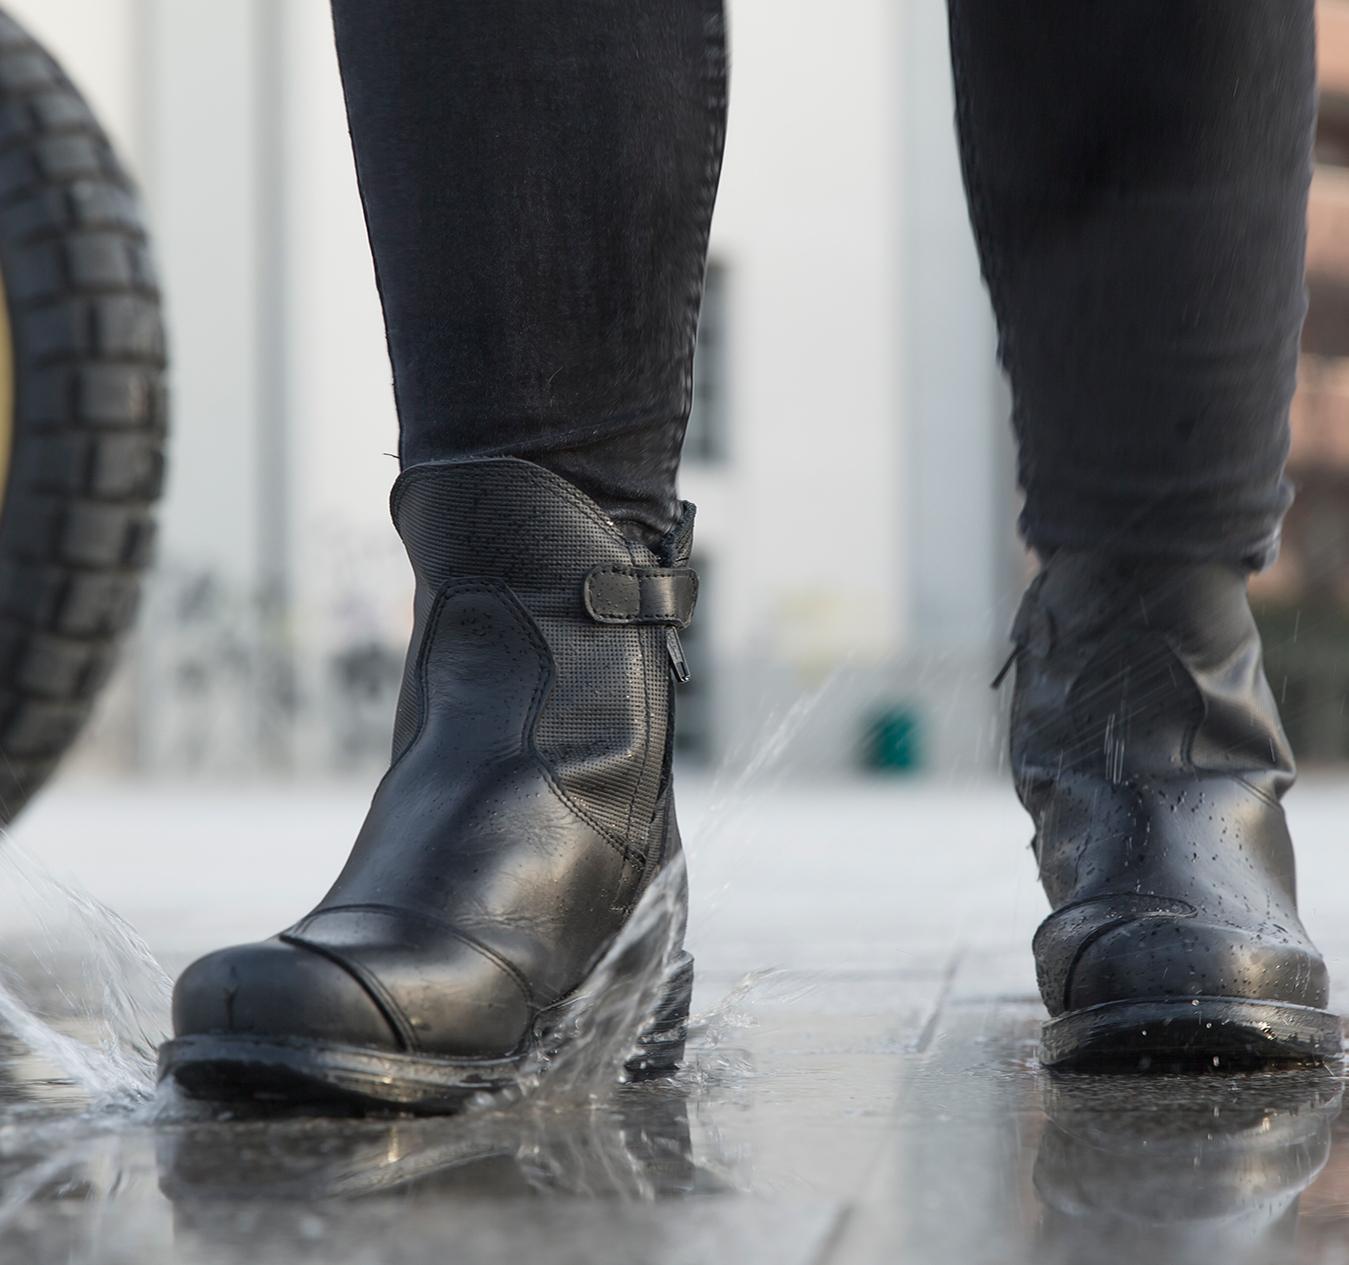 Classici stivali di pelle o stivali da moto: come scegliere gli stivali da moto.